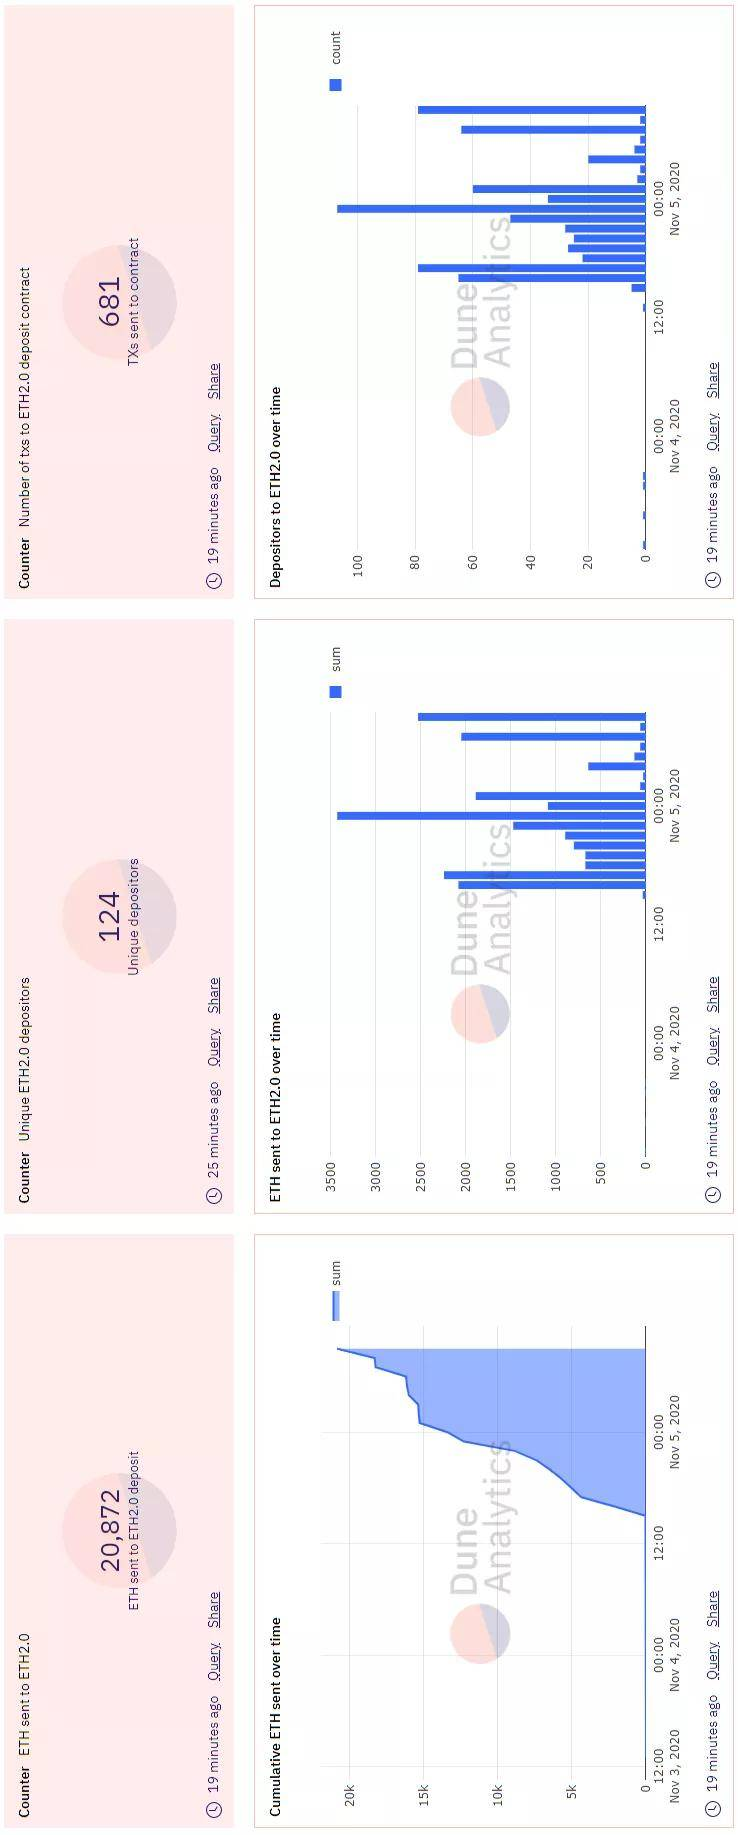 超2万枚ETH发送到以太坊2.0合约!详解验证者的风险和回报